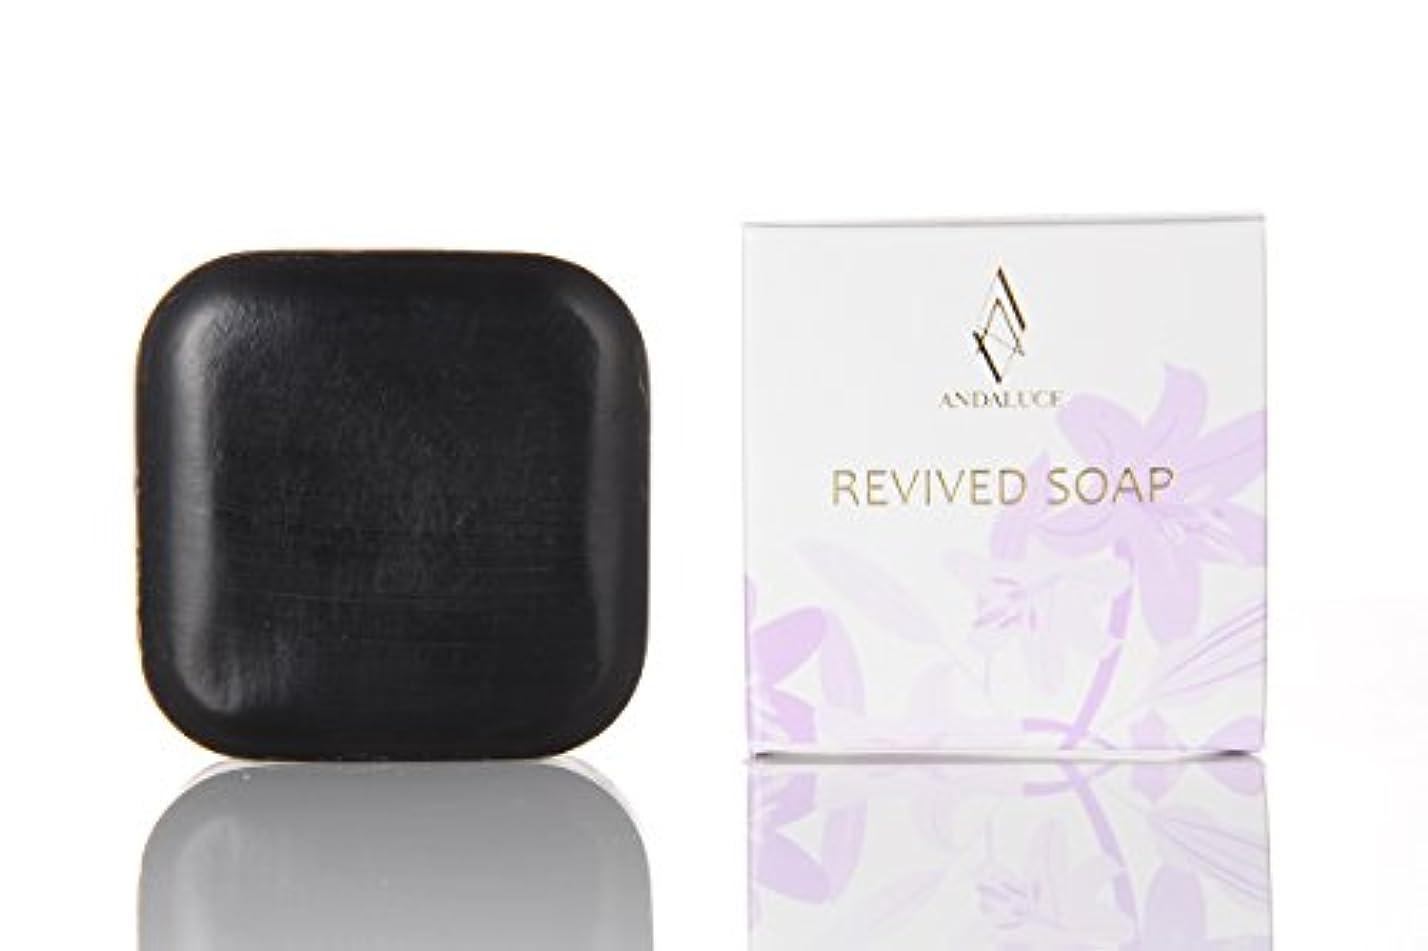 スポンジみなすアウトドアリバイブドソープ~REVIVED SOAP~(至高のAHAフルーツ酸SOAP)100g